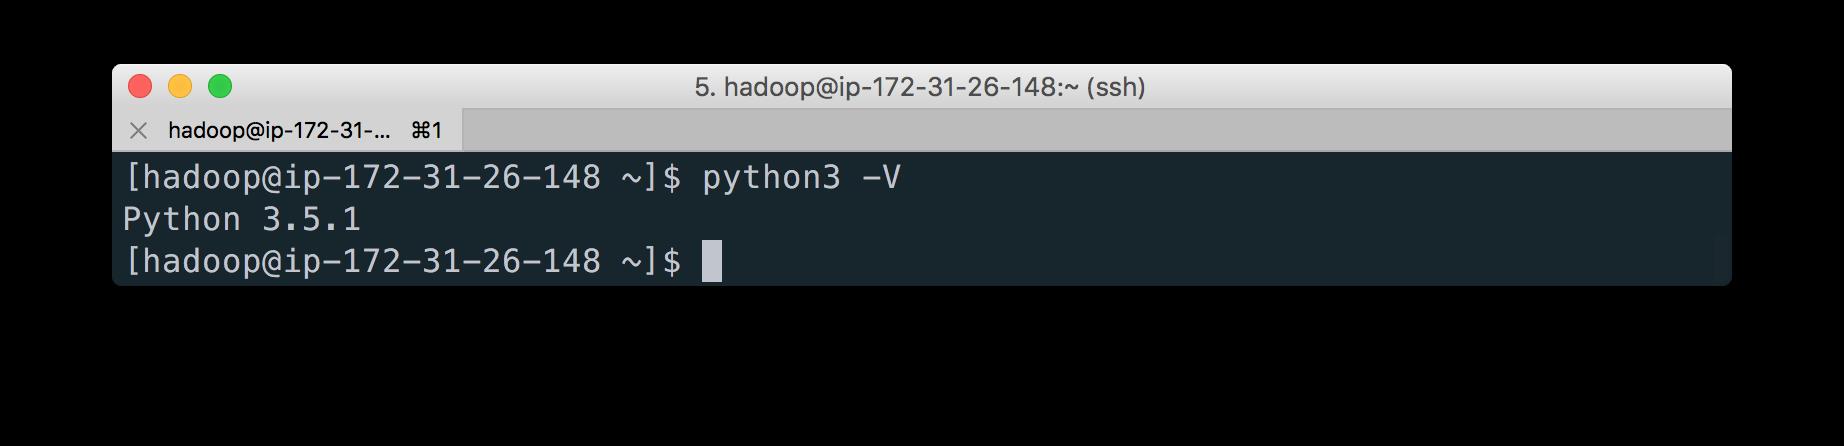 Python3.5.1